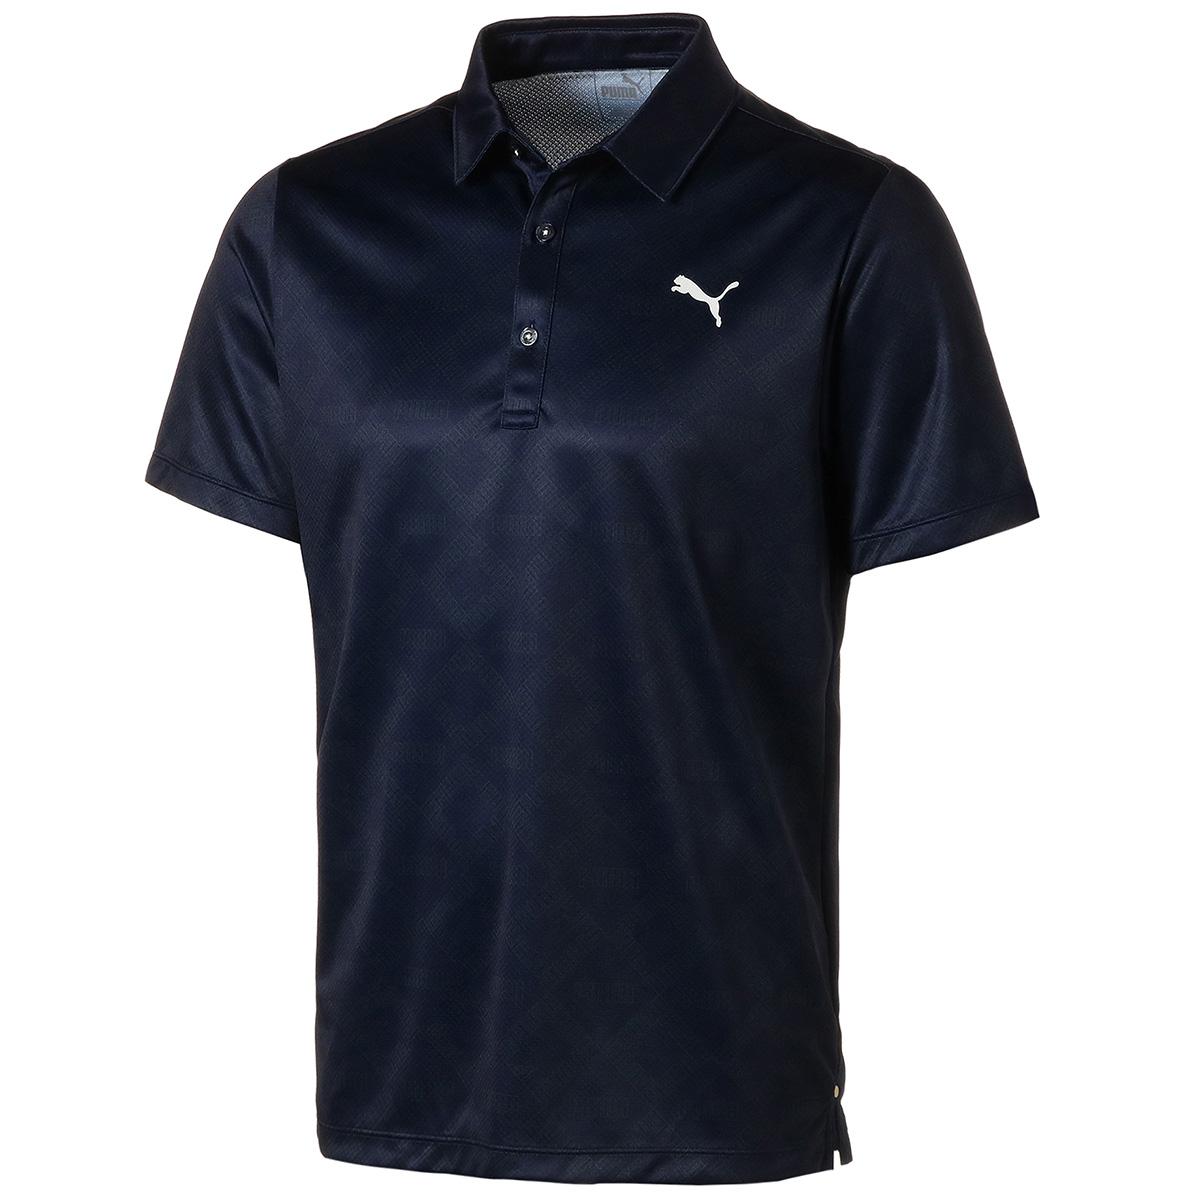 モノグラム 半袖ポロシャツ